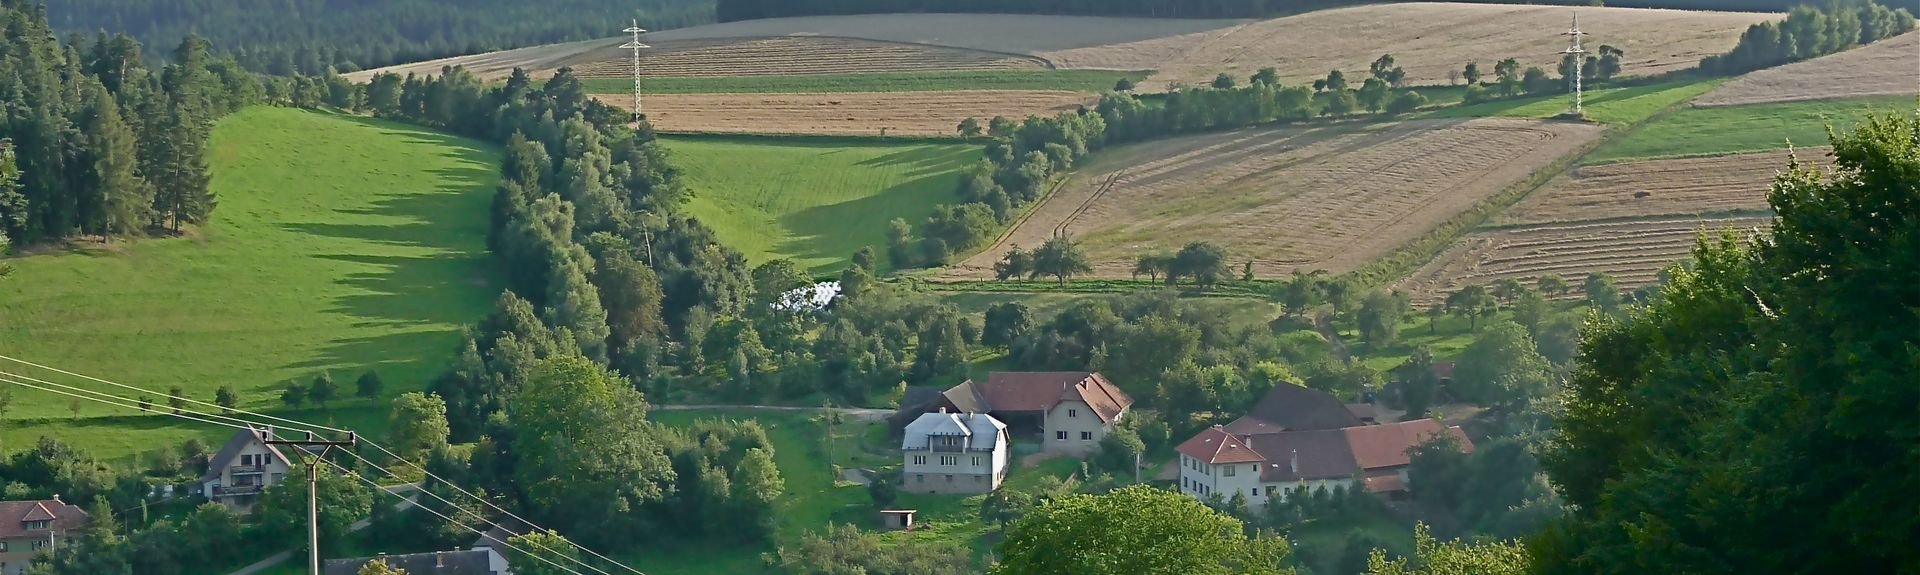 Vysocina (region), Czech Republic